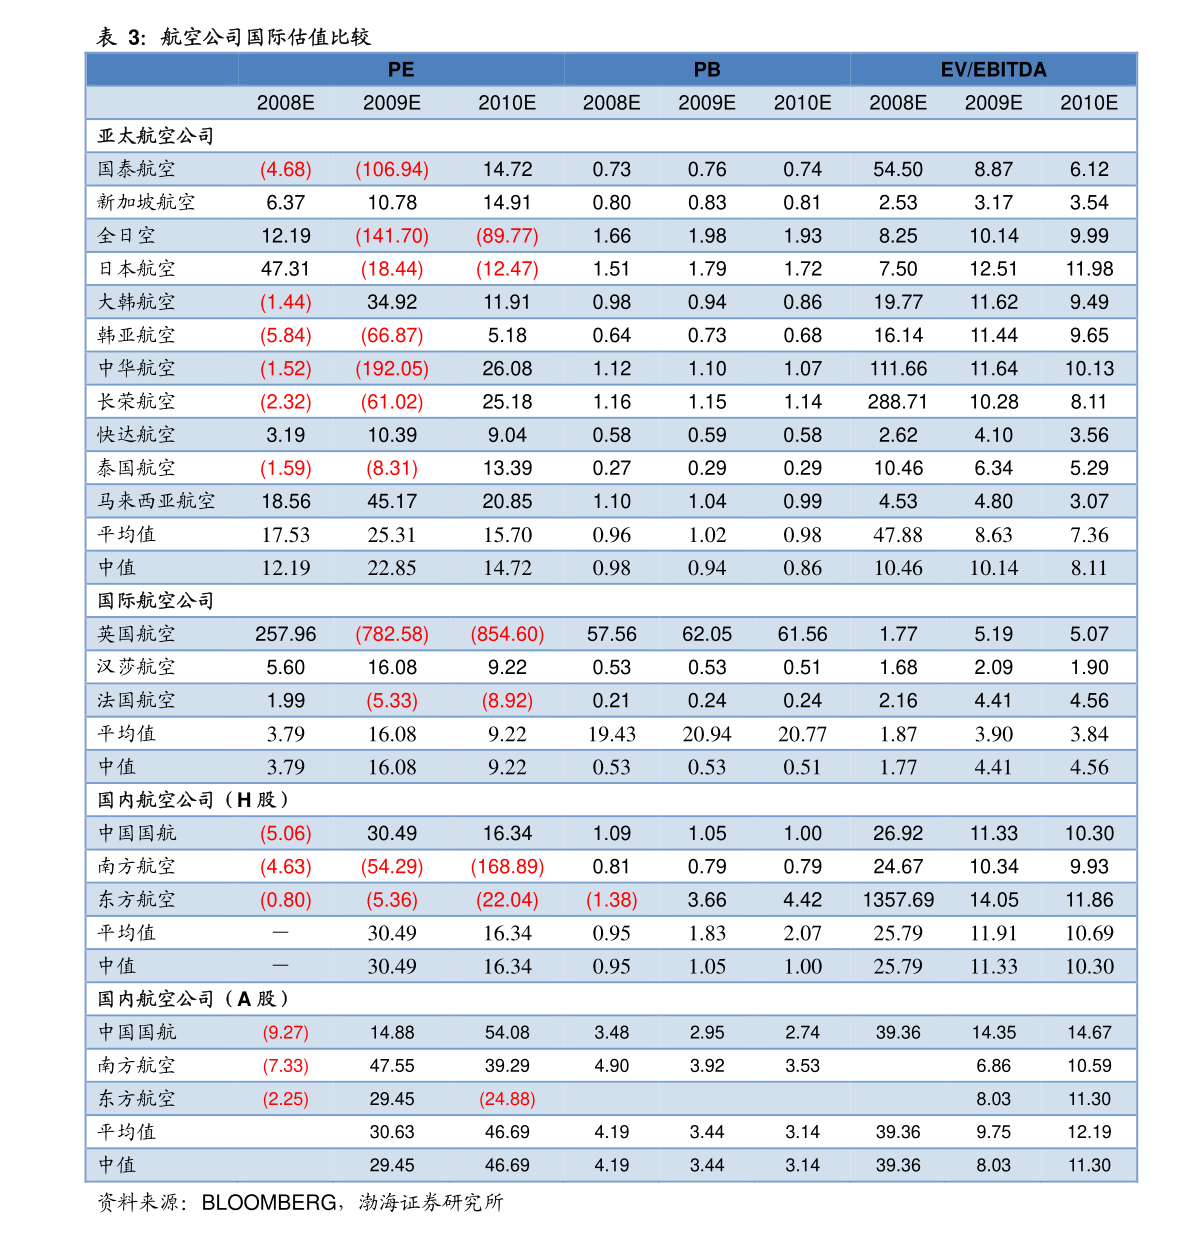 国信雷火电竞平台-建筑雷火网址1月投资策略:低估值龙头价值凸显-210113